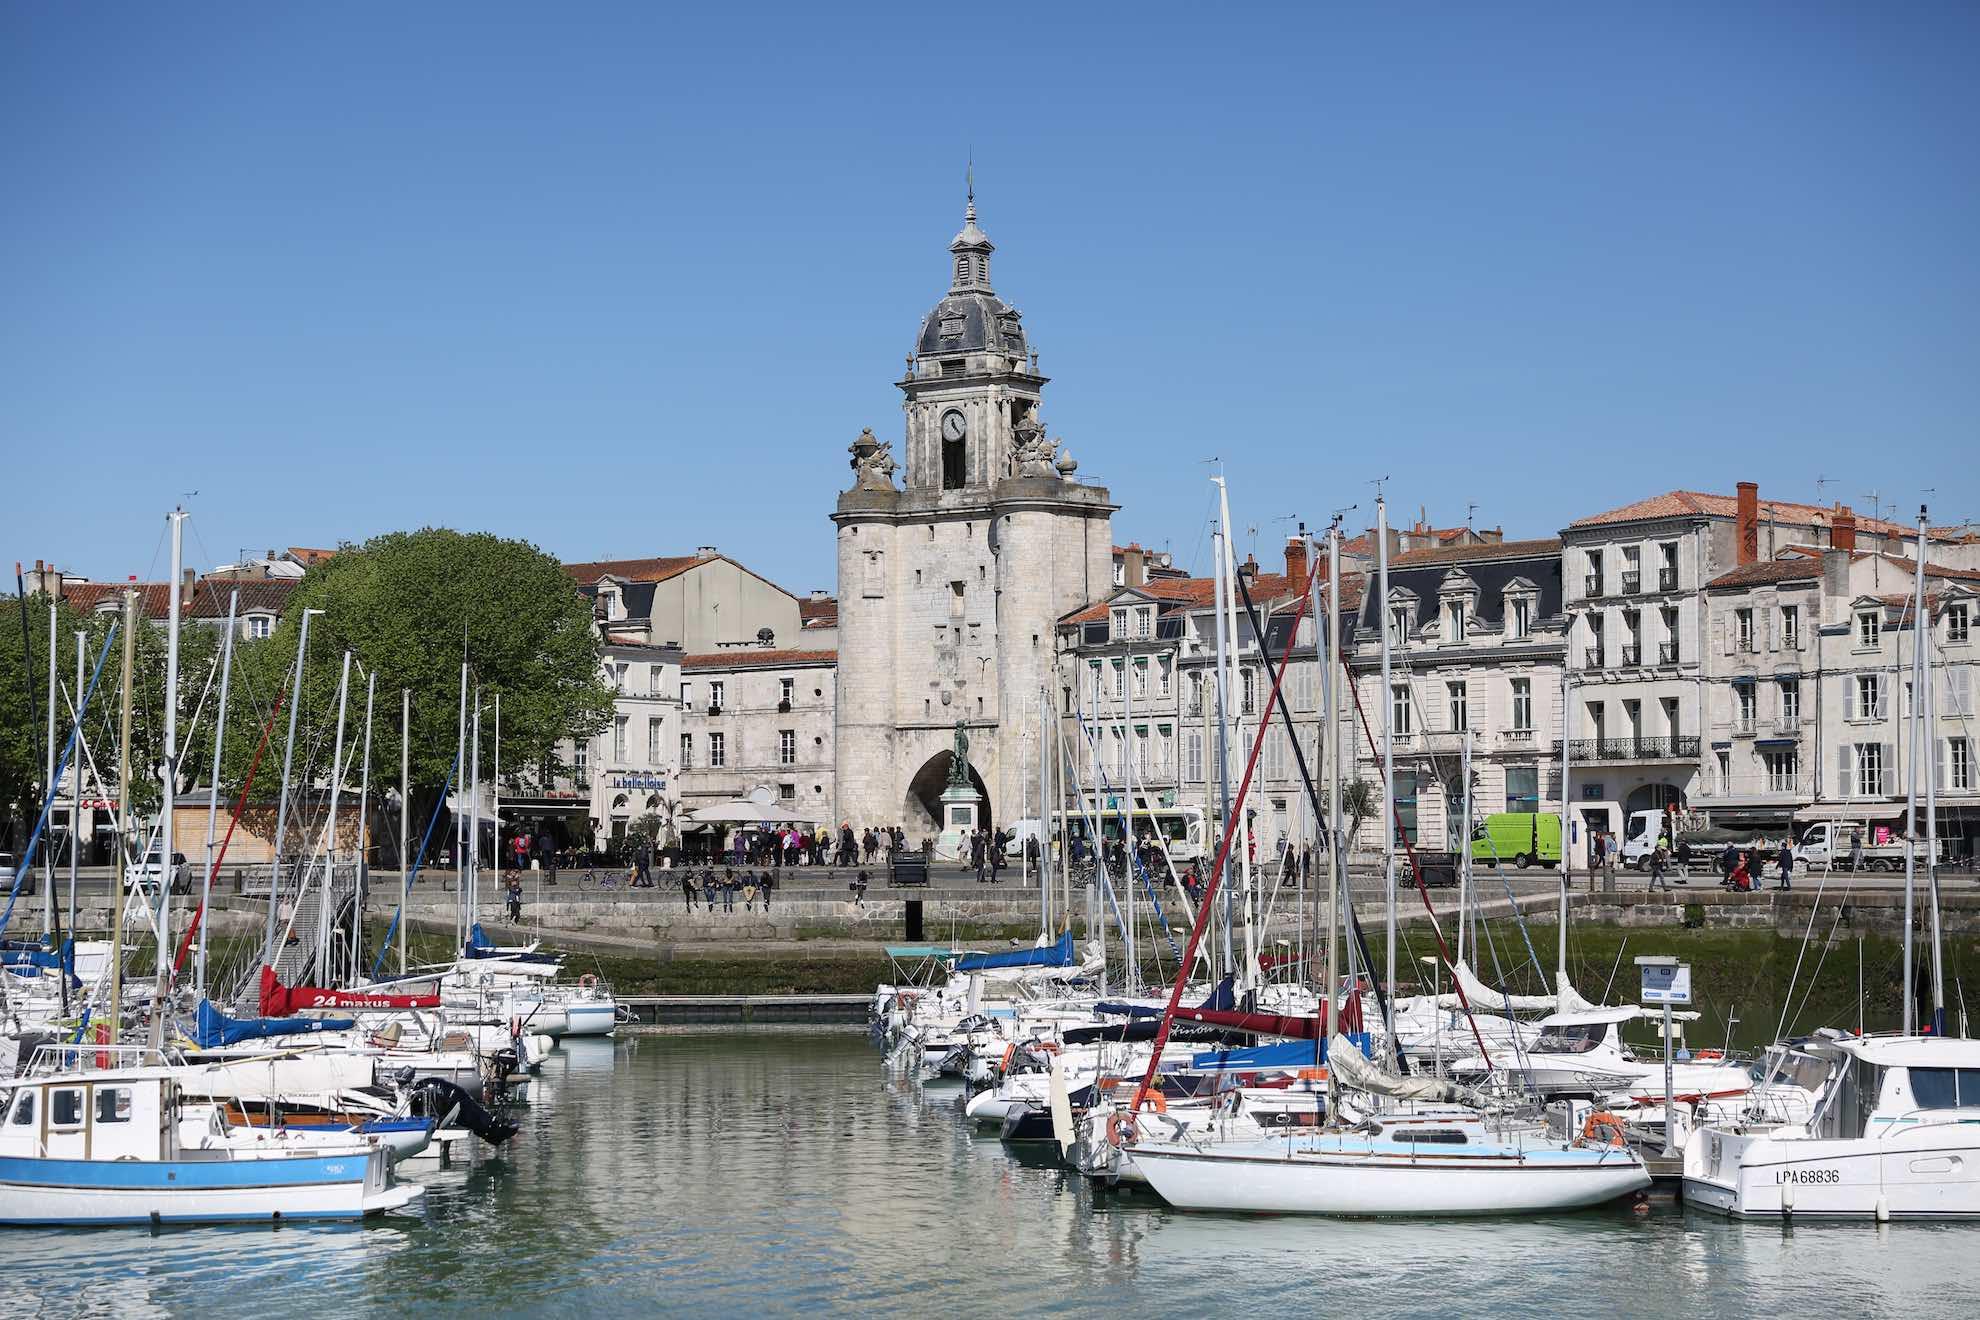 Es gibt mehrere Hafenbecken